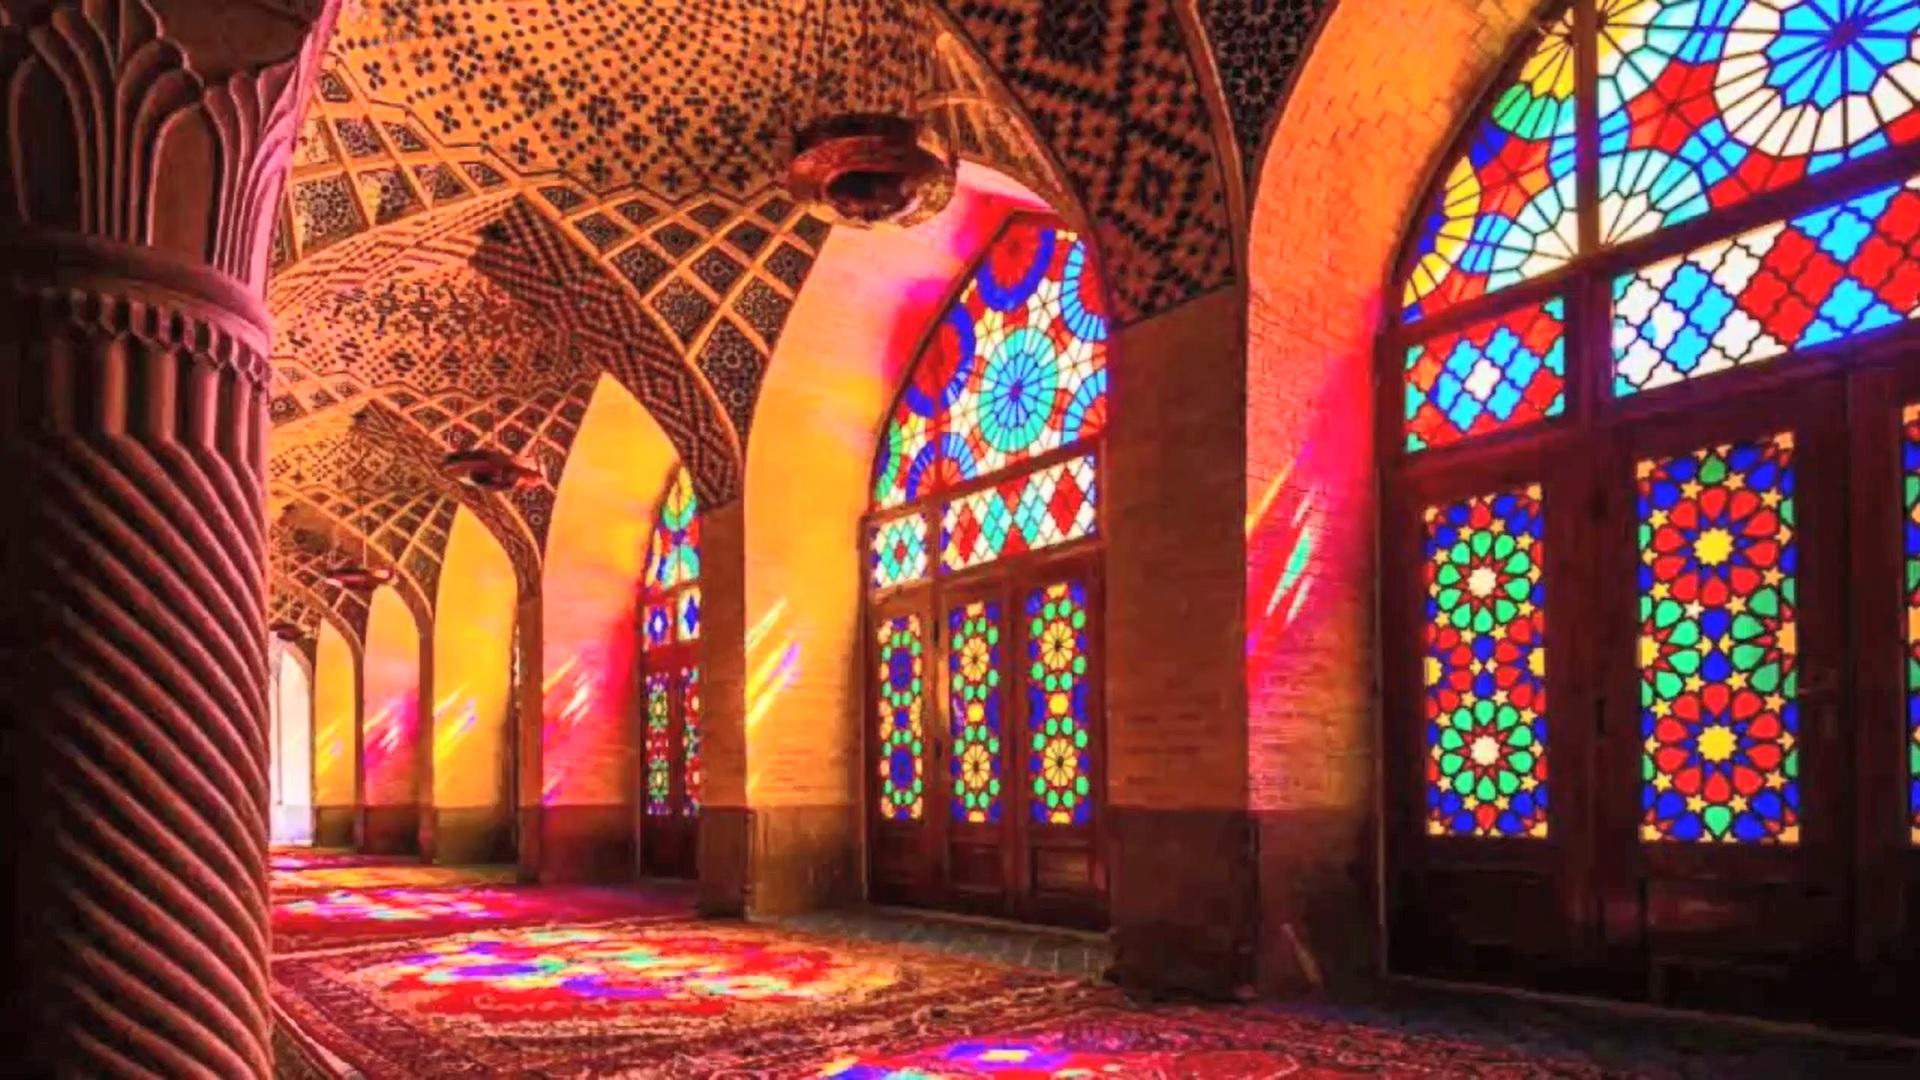 گردشگری؛ صنعتی تزئینی در اقتصاد ایران + فیلم